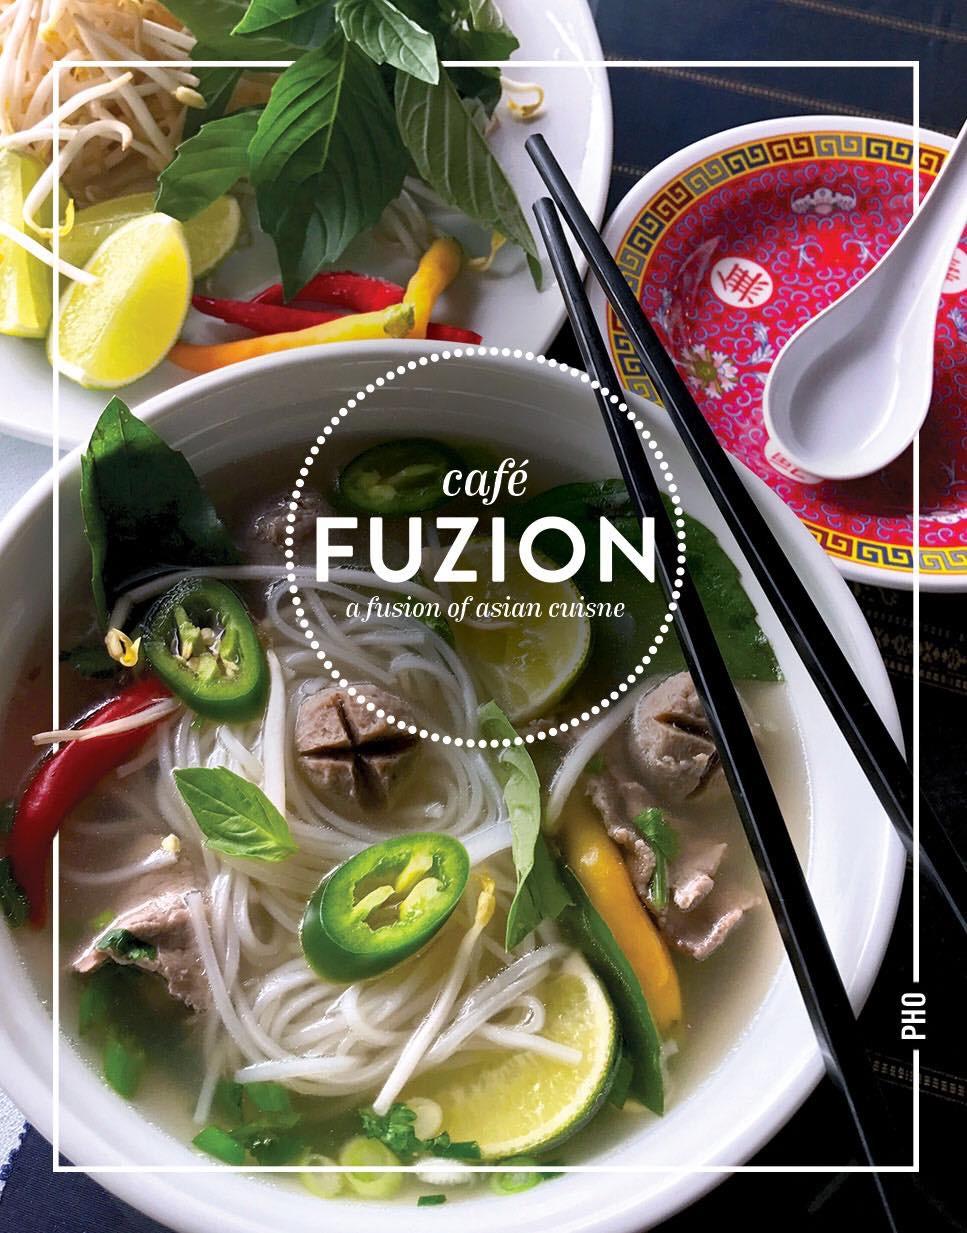 Cafe Fuzion 1.jpg